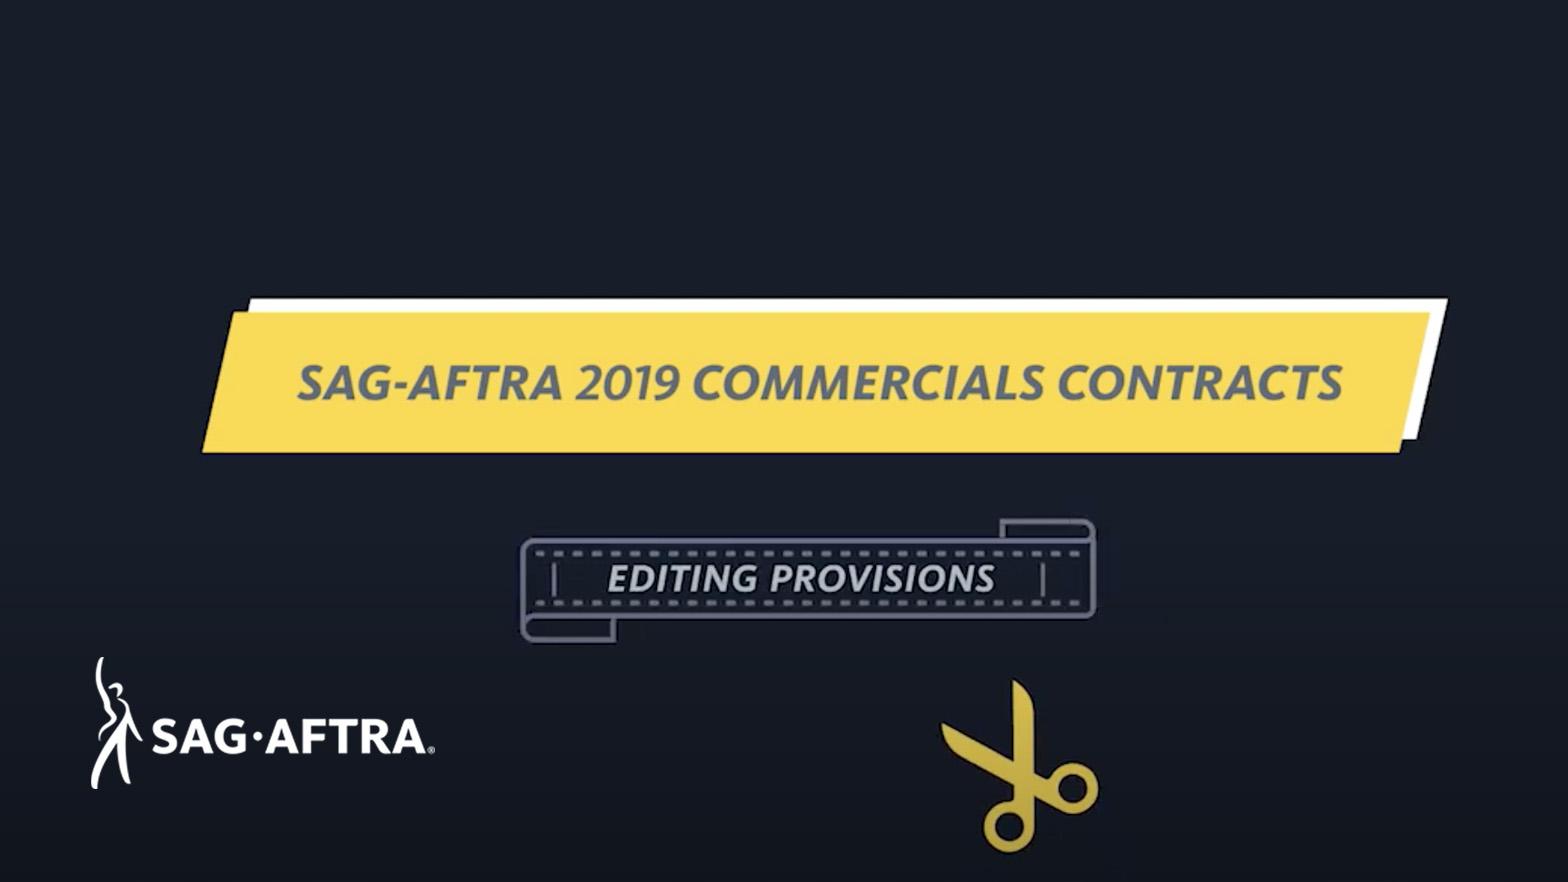 """""""Contratos comerciales SAG-AFTRA 2019"""" en gris centrado en una cinta amarilla y blanca. Abajo centrado en una tira de película """"Disposiciones de edición"""" con unas tijeras amarillas debajo"""